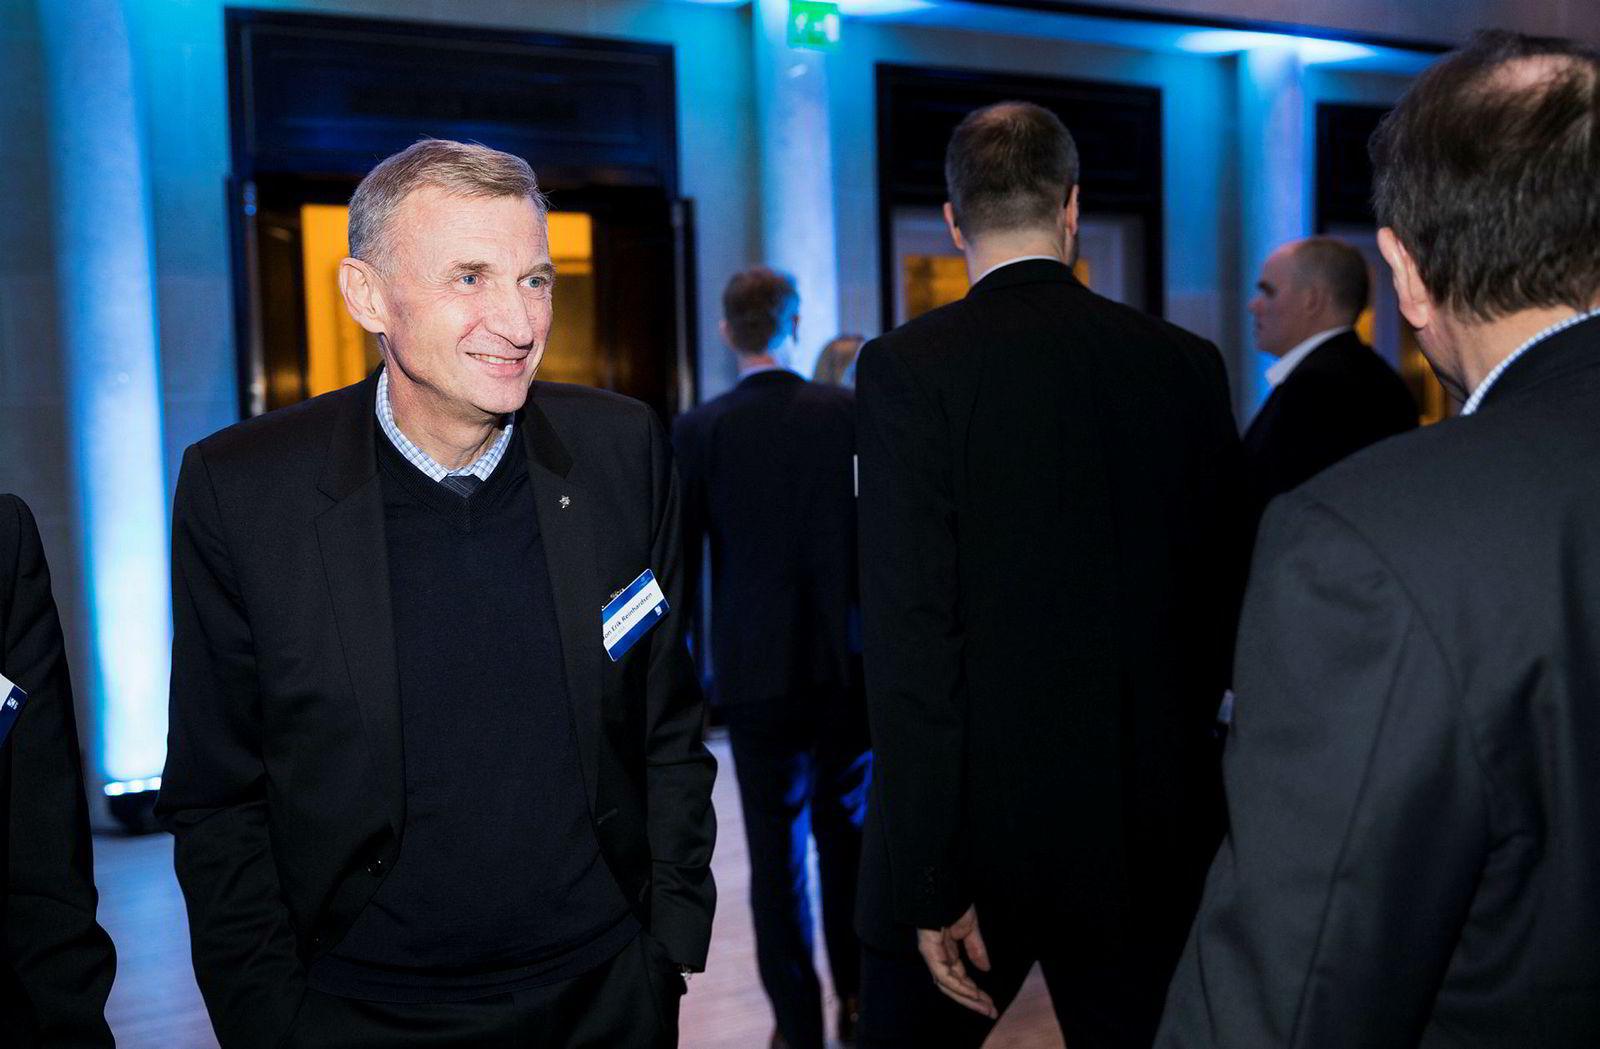 Styreleder i Equinor Jon Erik Reinhardsen har mottatt et brev fra Neodrill som kommer med skarp kritikk av energiselskapet.